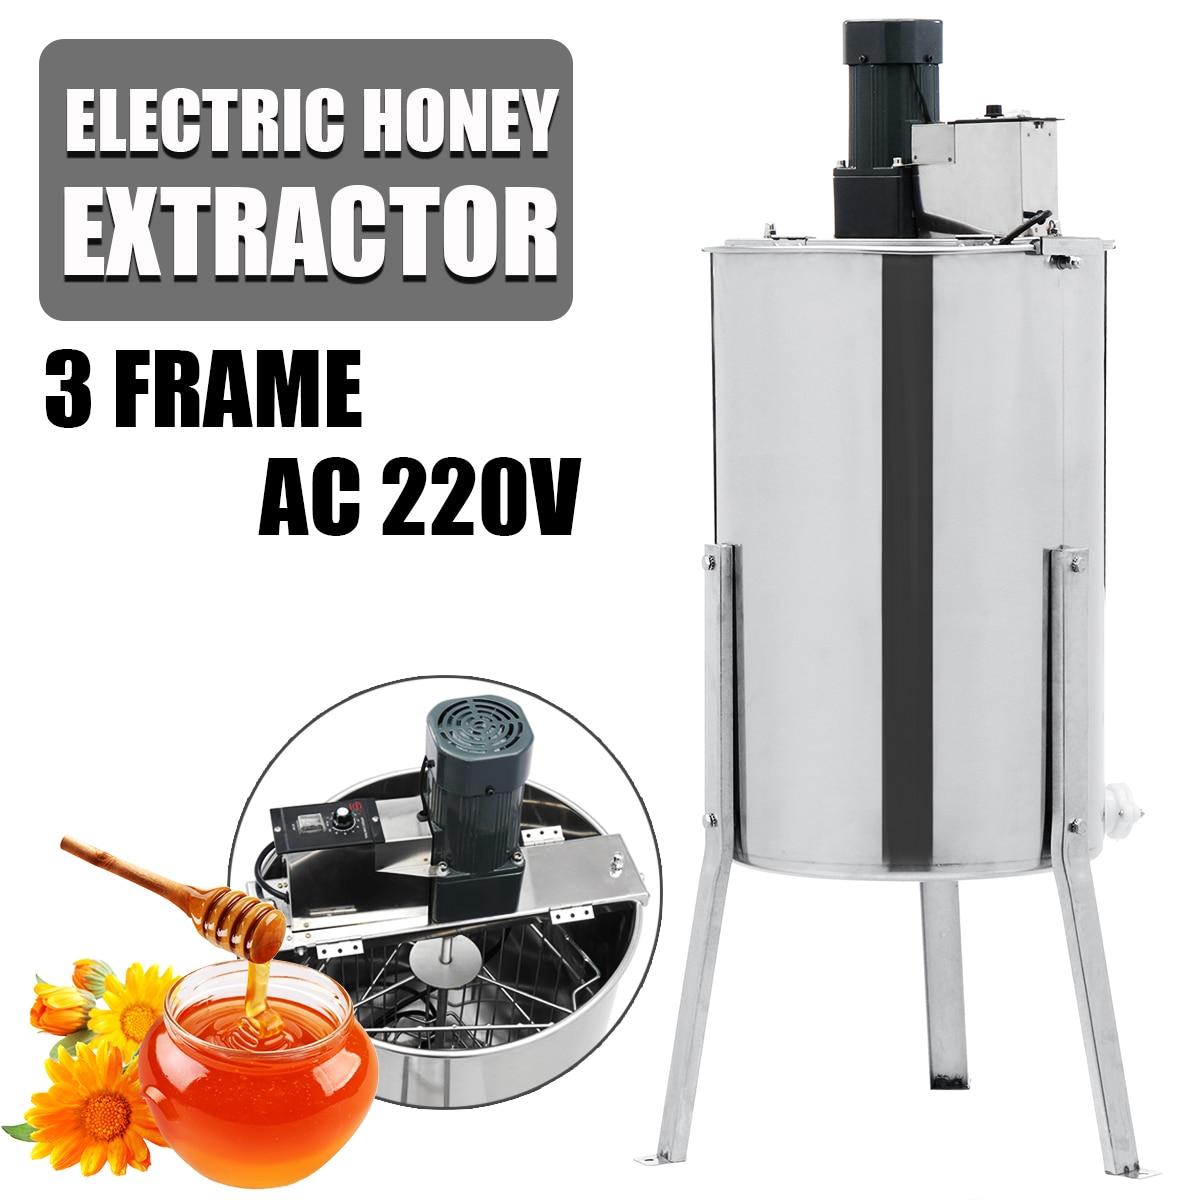 3 cadre électrique extracteur de miel en acier inoxydable Machine à outils apicole boîte extracteur de miel fournitures équipement apicole